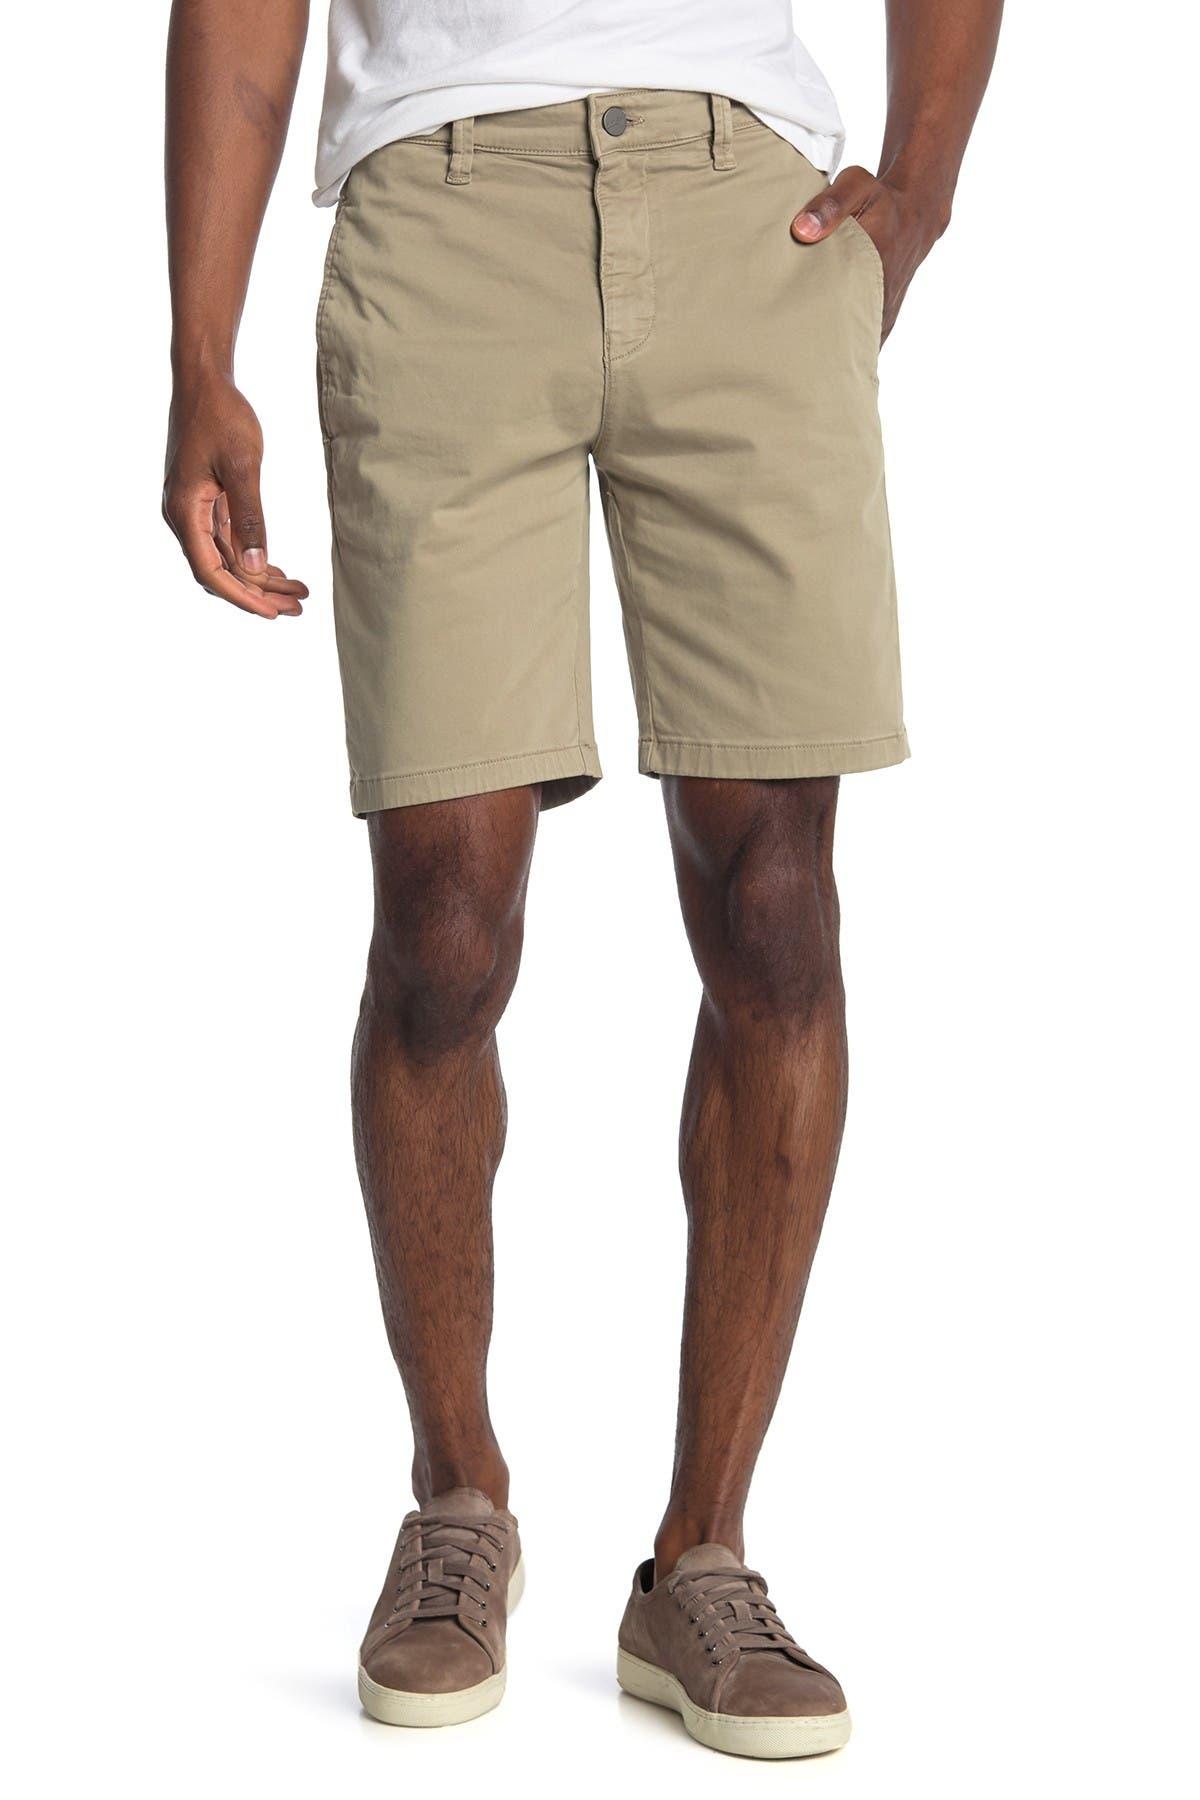 Image of 34 Heritage Nevada Stone Twill Shorts